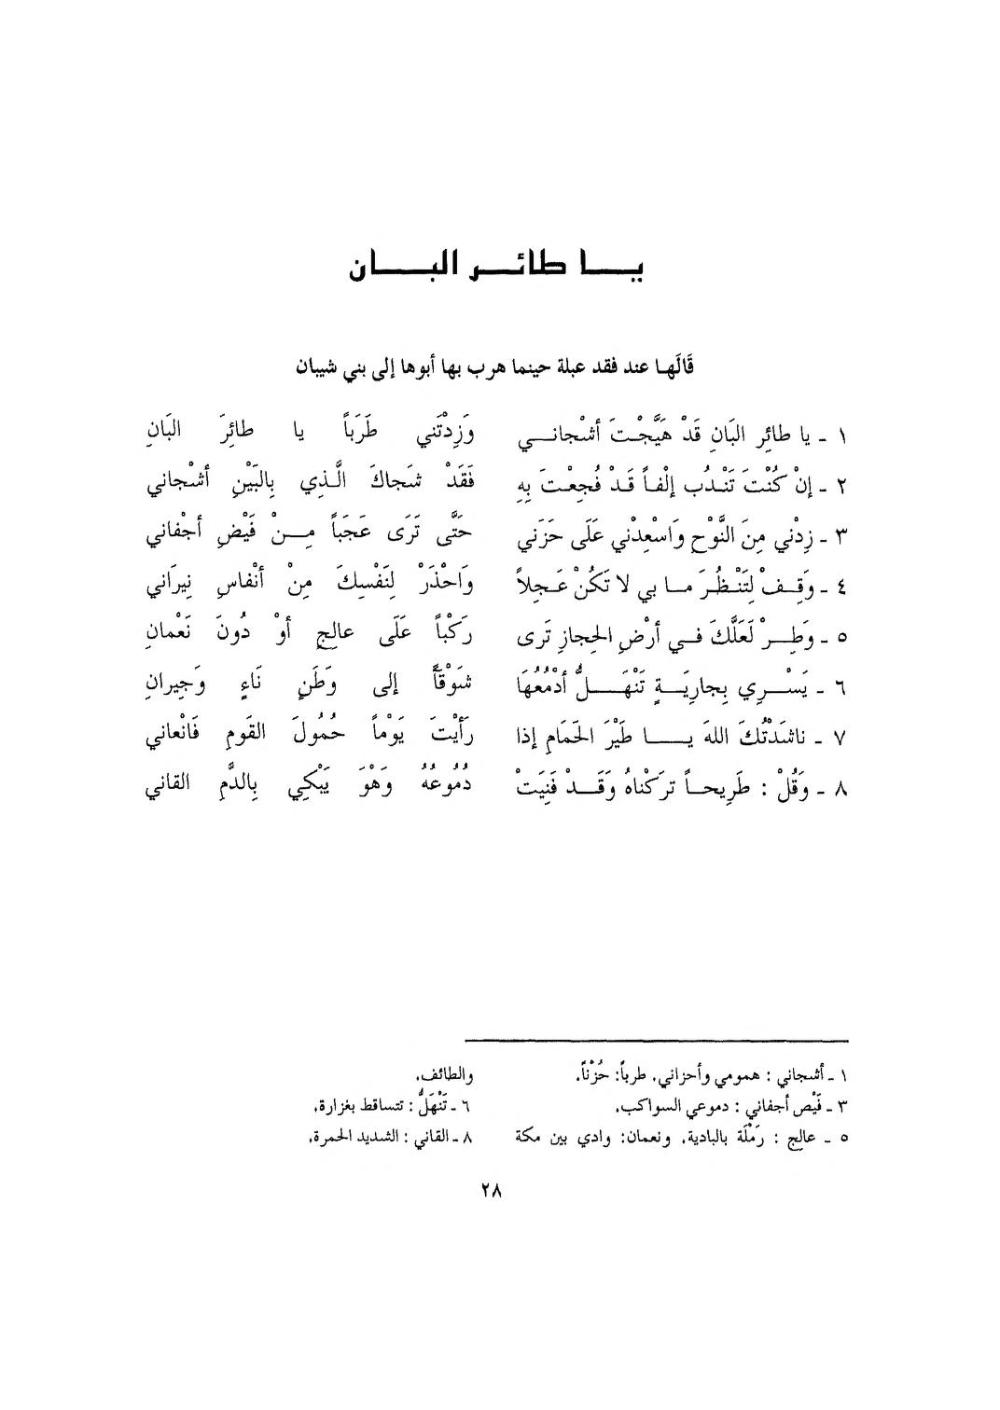 كمال خلايلي جمهرة روائع الغزل في الشعر العربي Free Download Borrow And Streaming Internet Archive Arabic Poetry Texts Writing